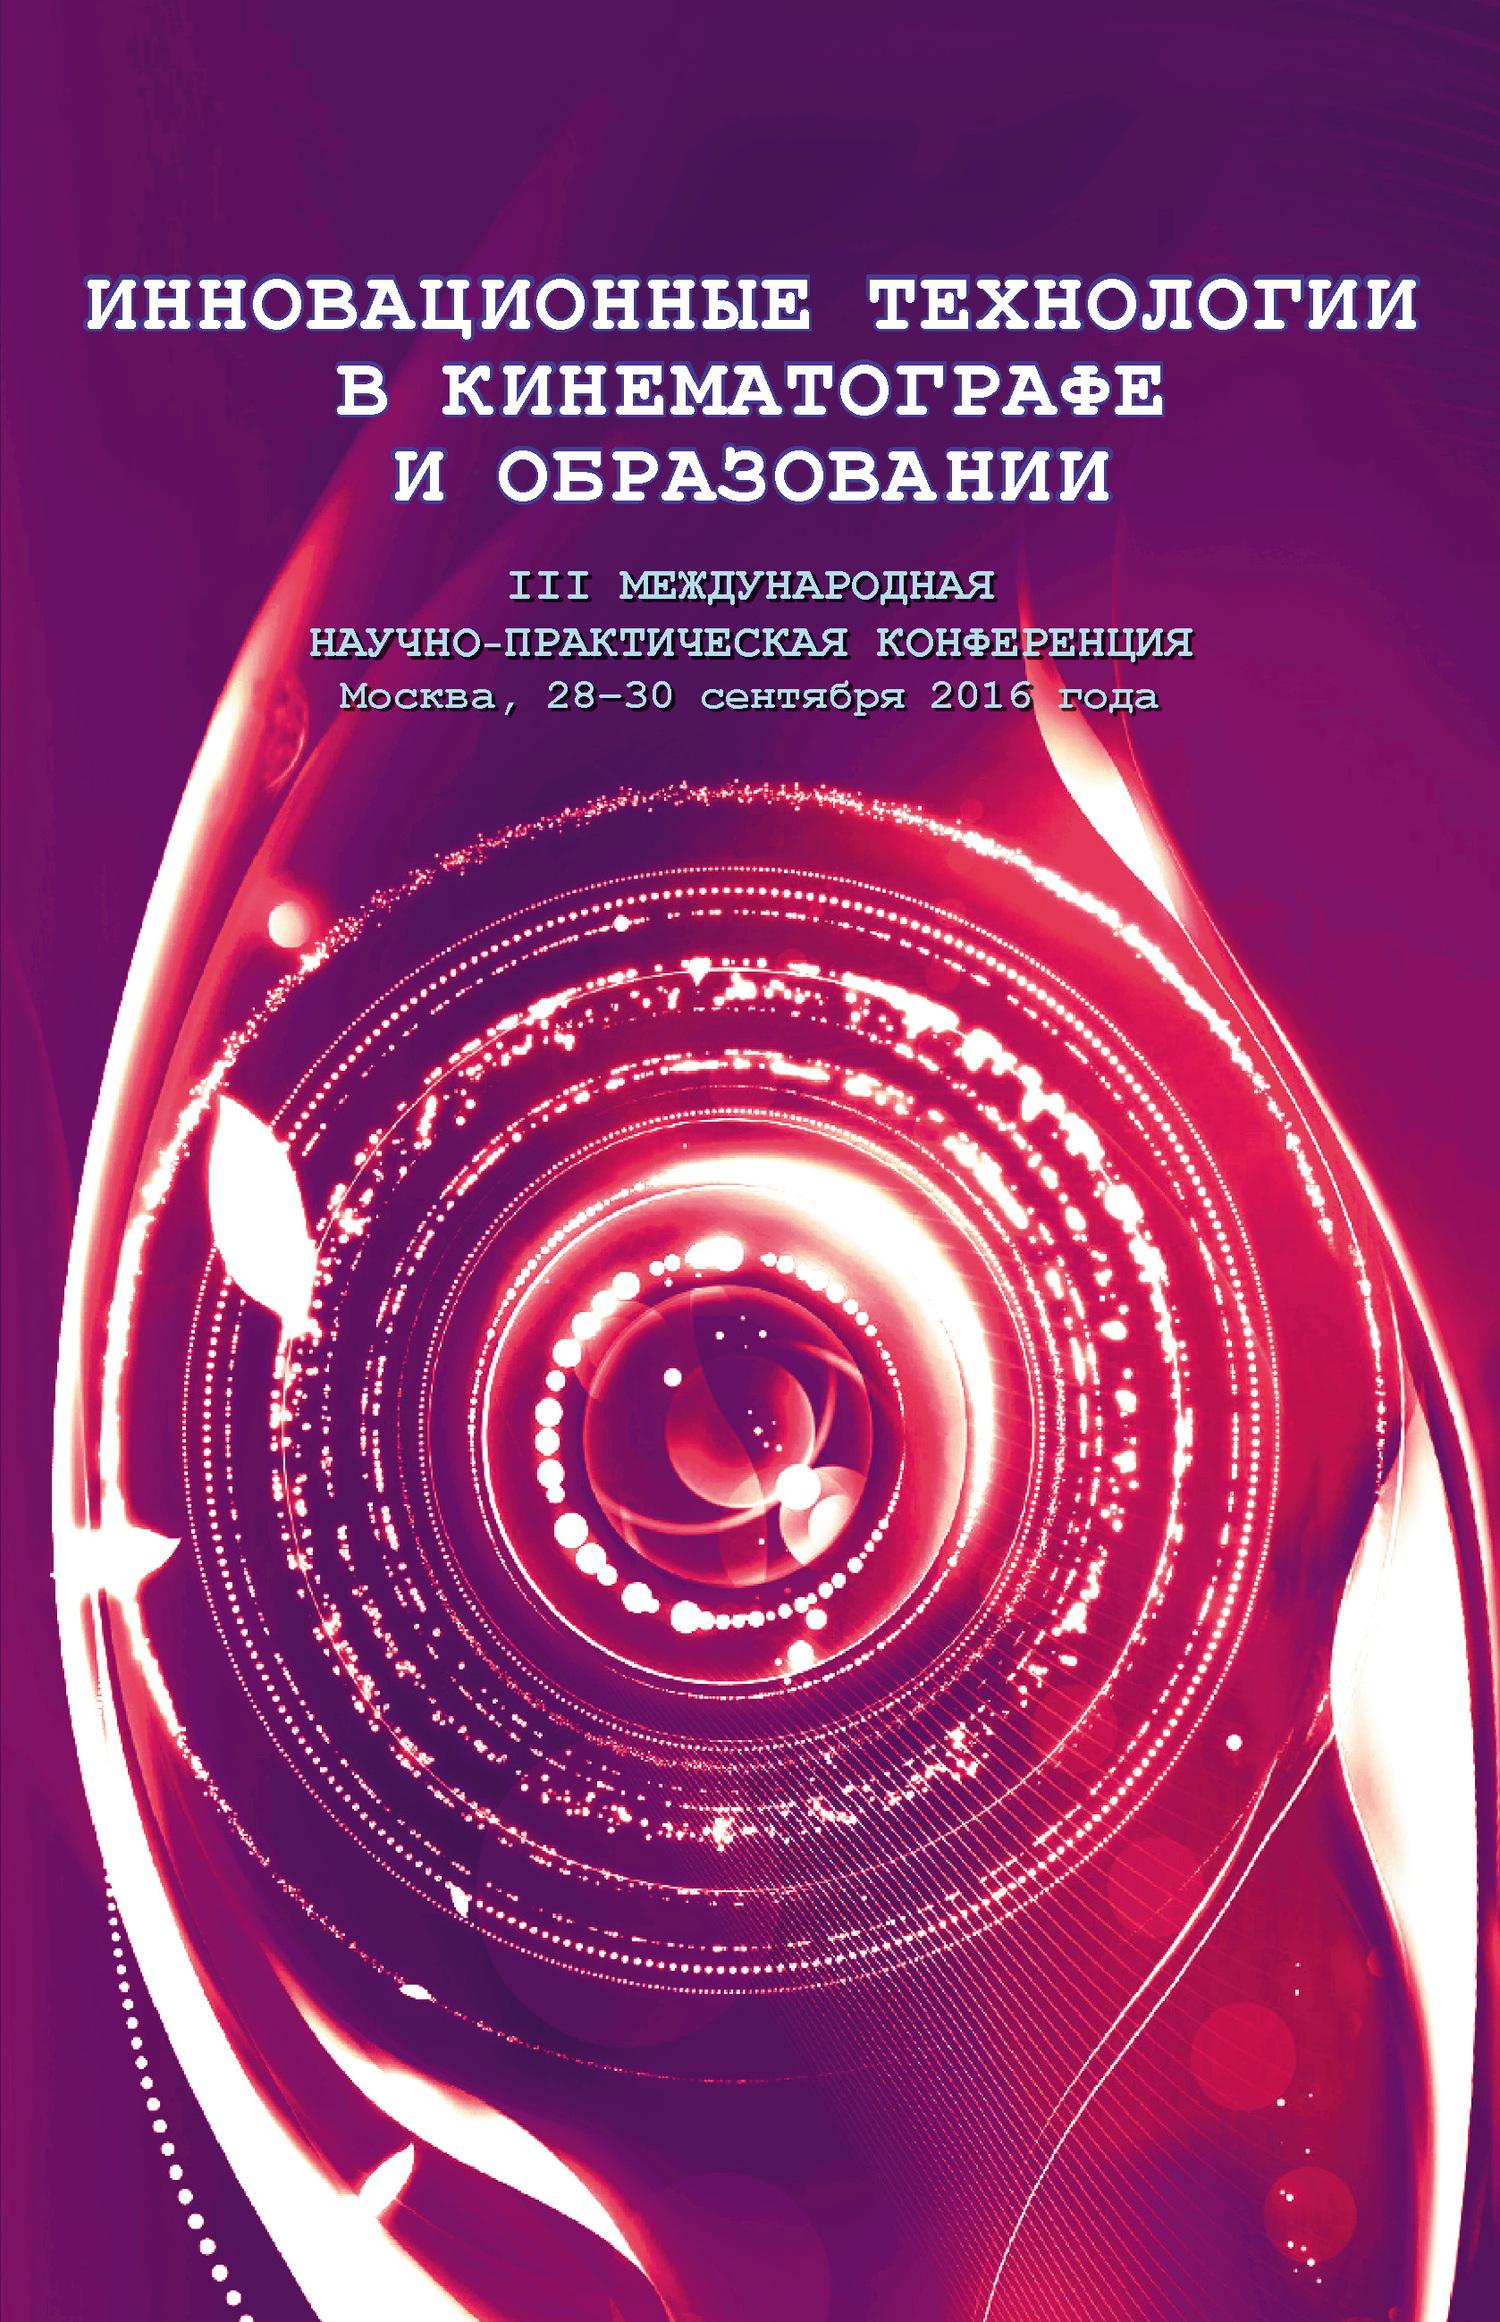 Коллектив авторов Инновационные технологии в кинематографе и образовании. III Международная научно-практическая конференция. Москва, 28-30 сентября 2016 года